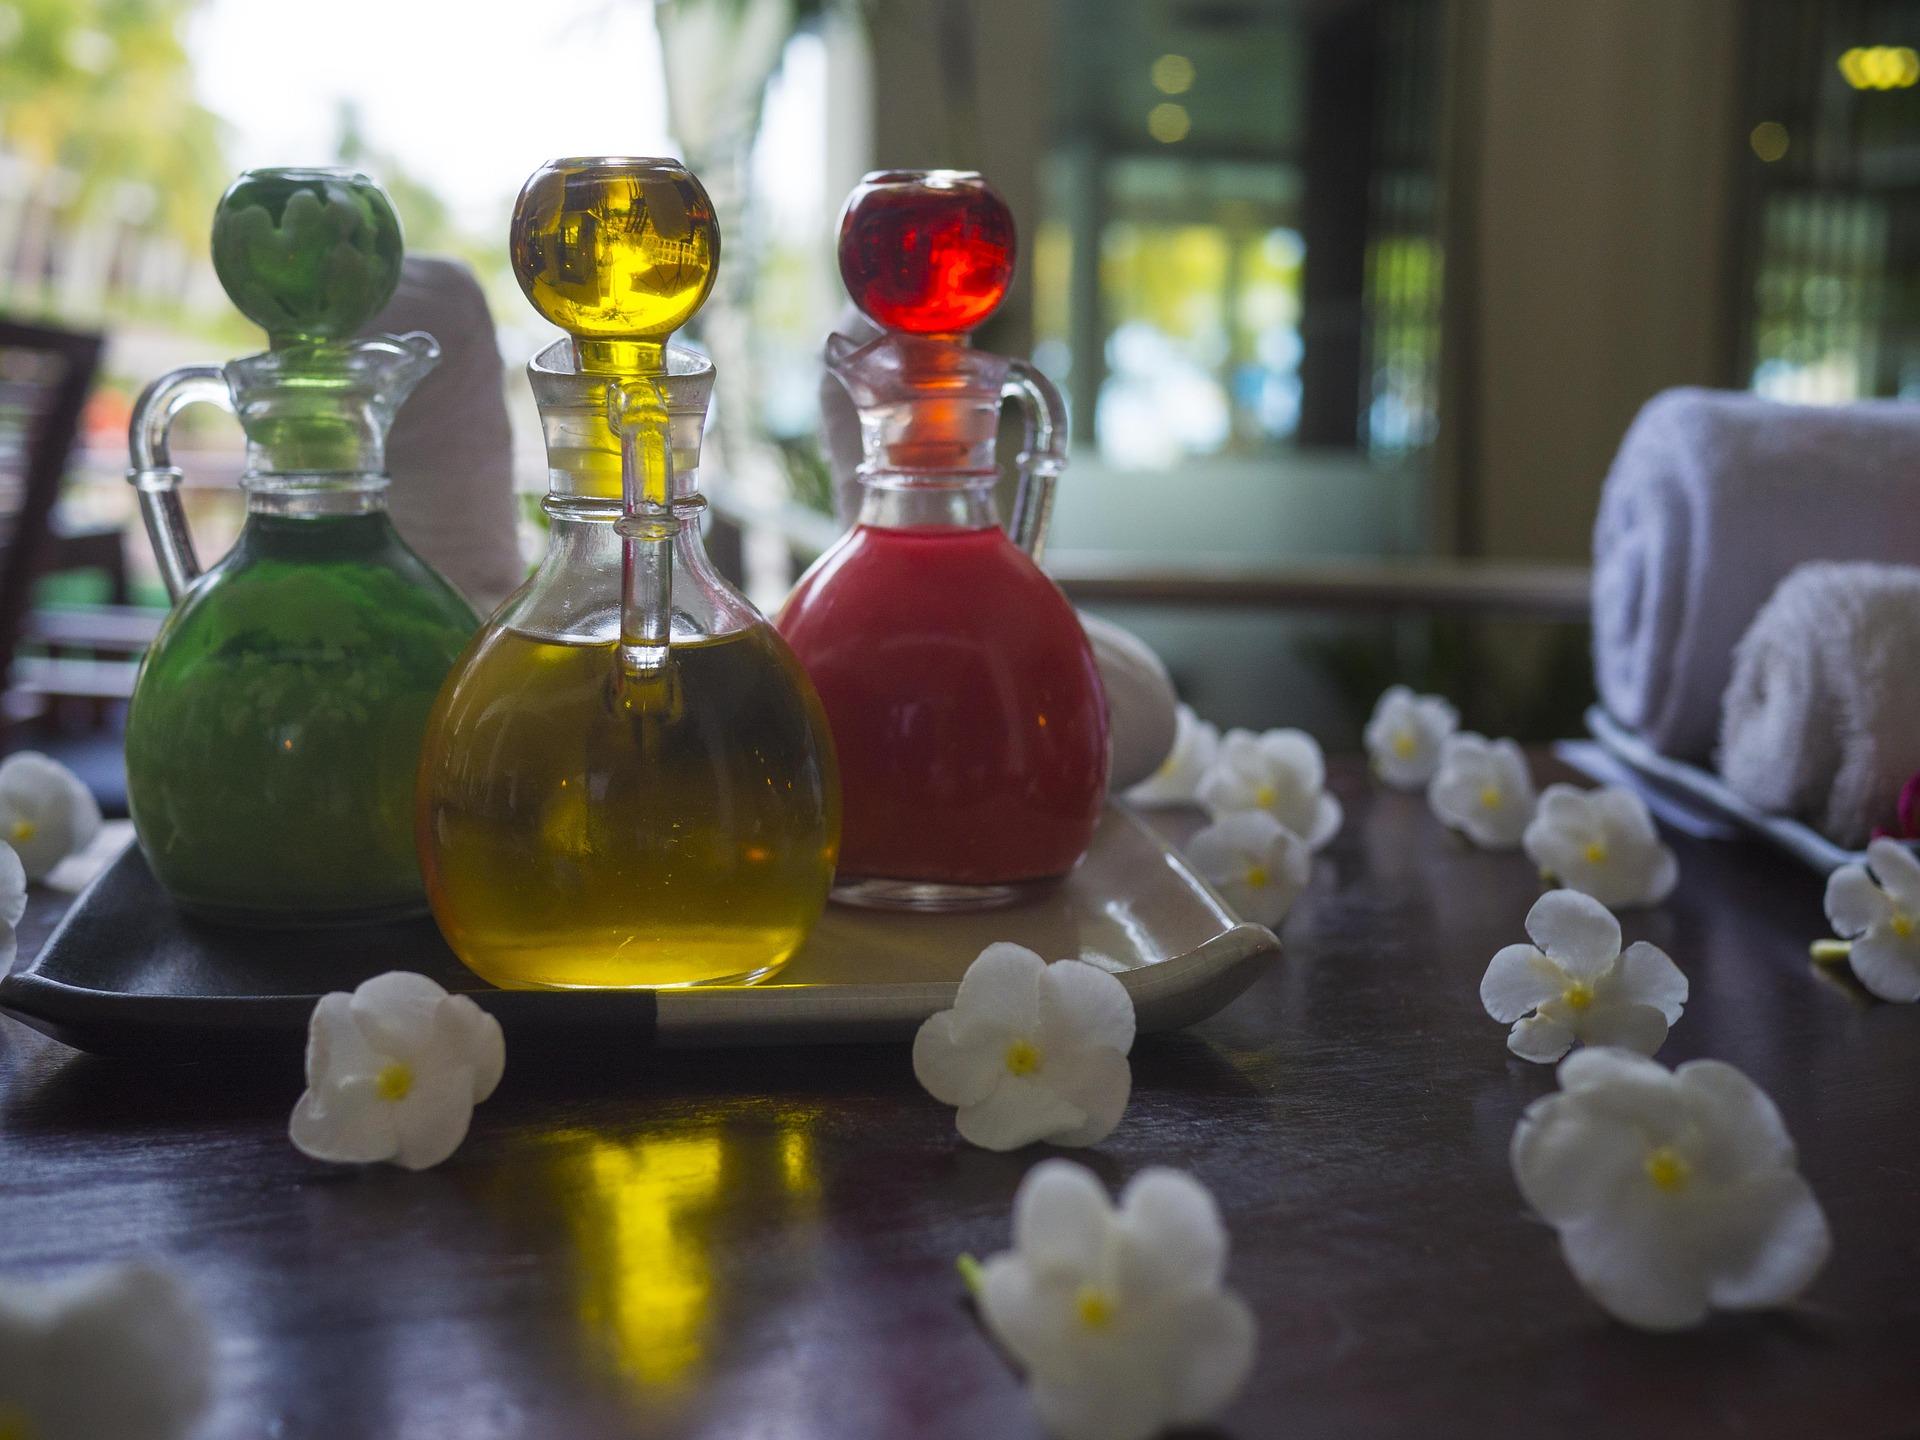 Imagem de frascos com diferentes óleos corporais em bancada de spa decorada com flores